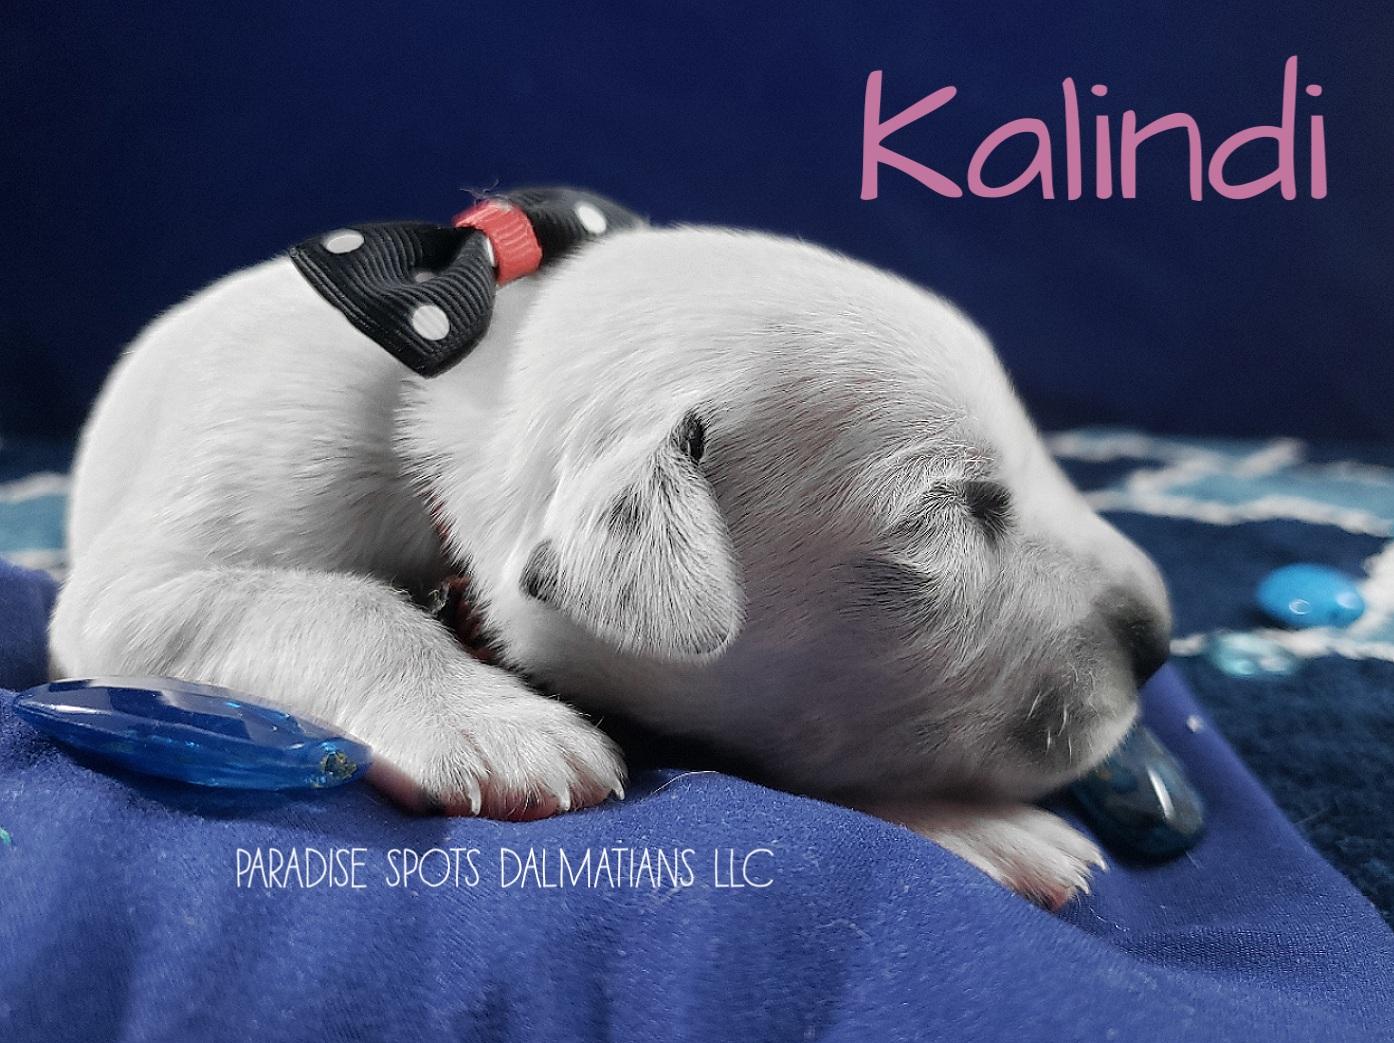 Kalindi-1w (4)